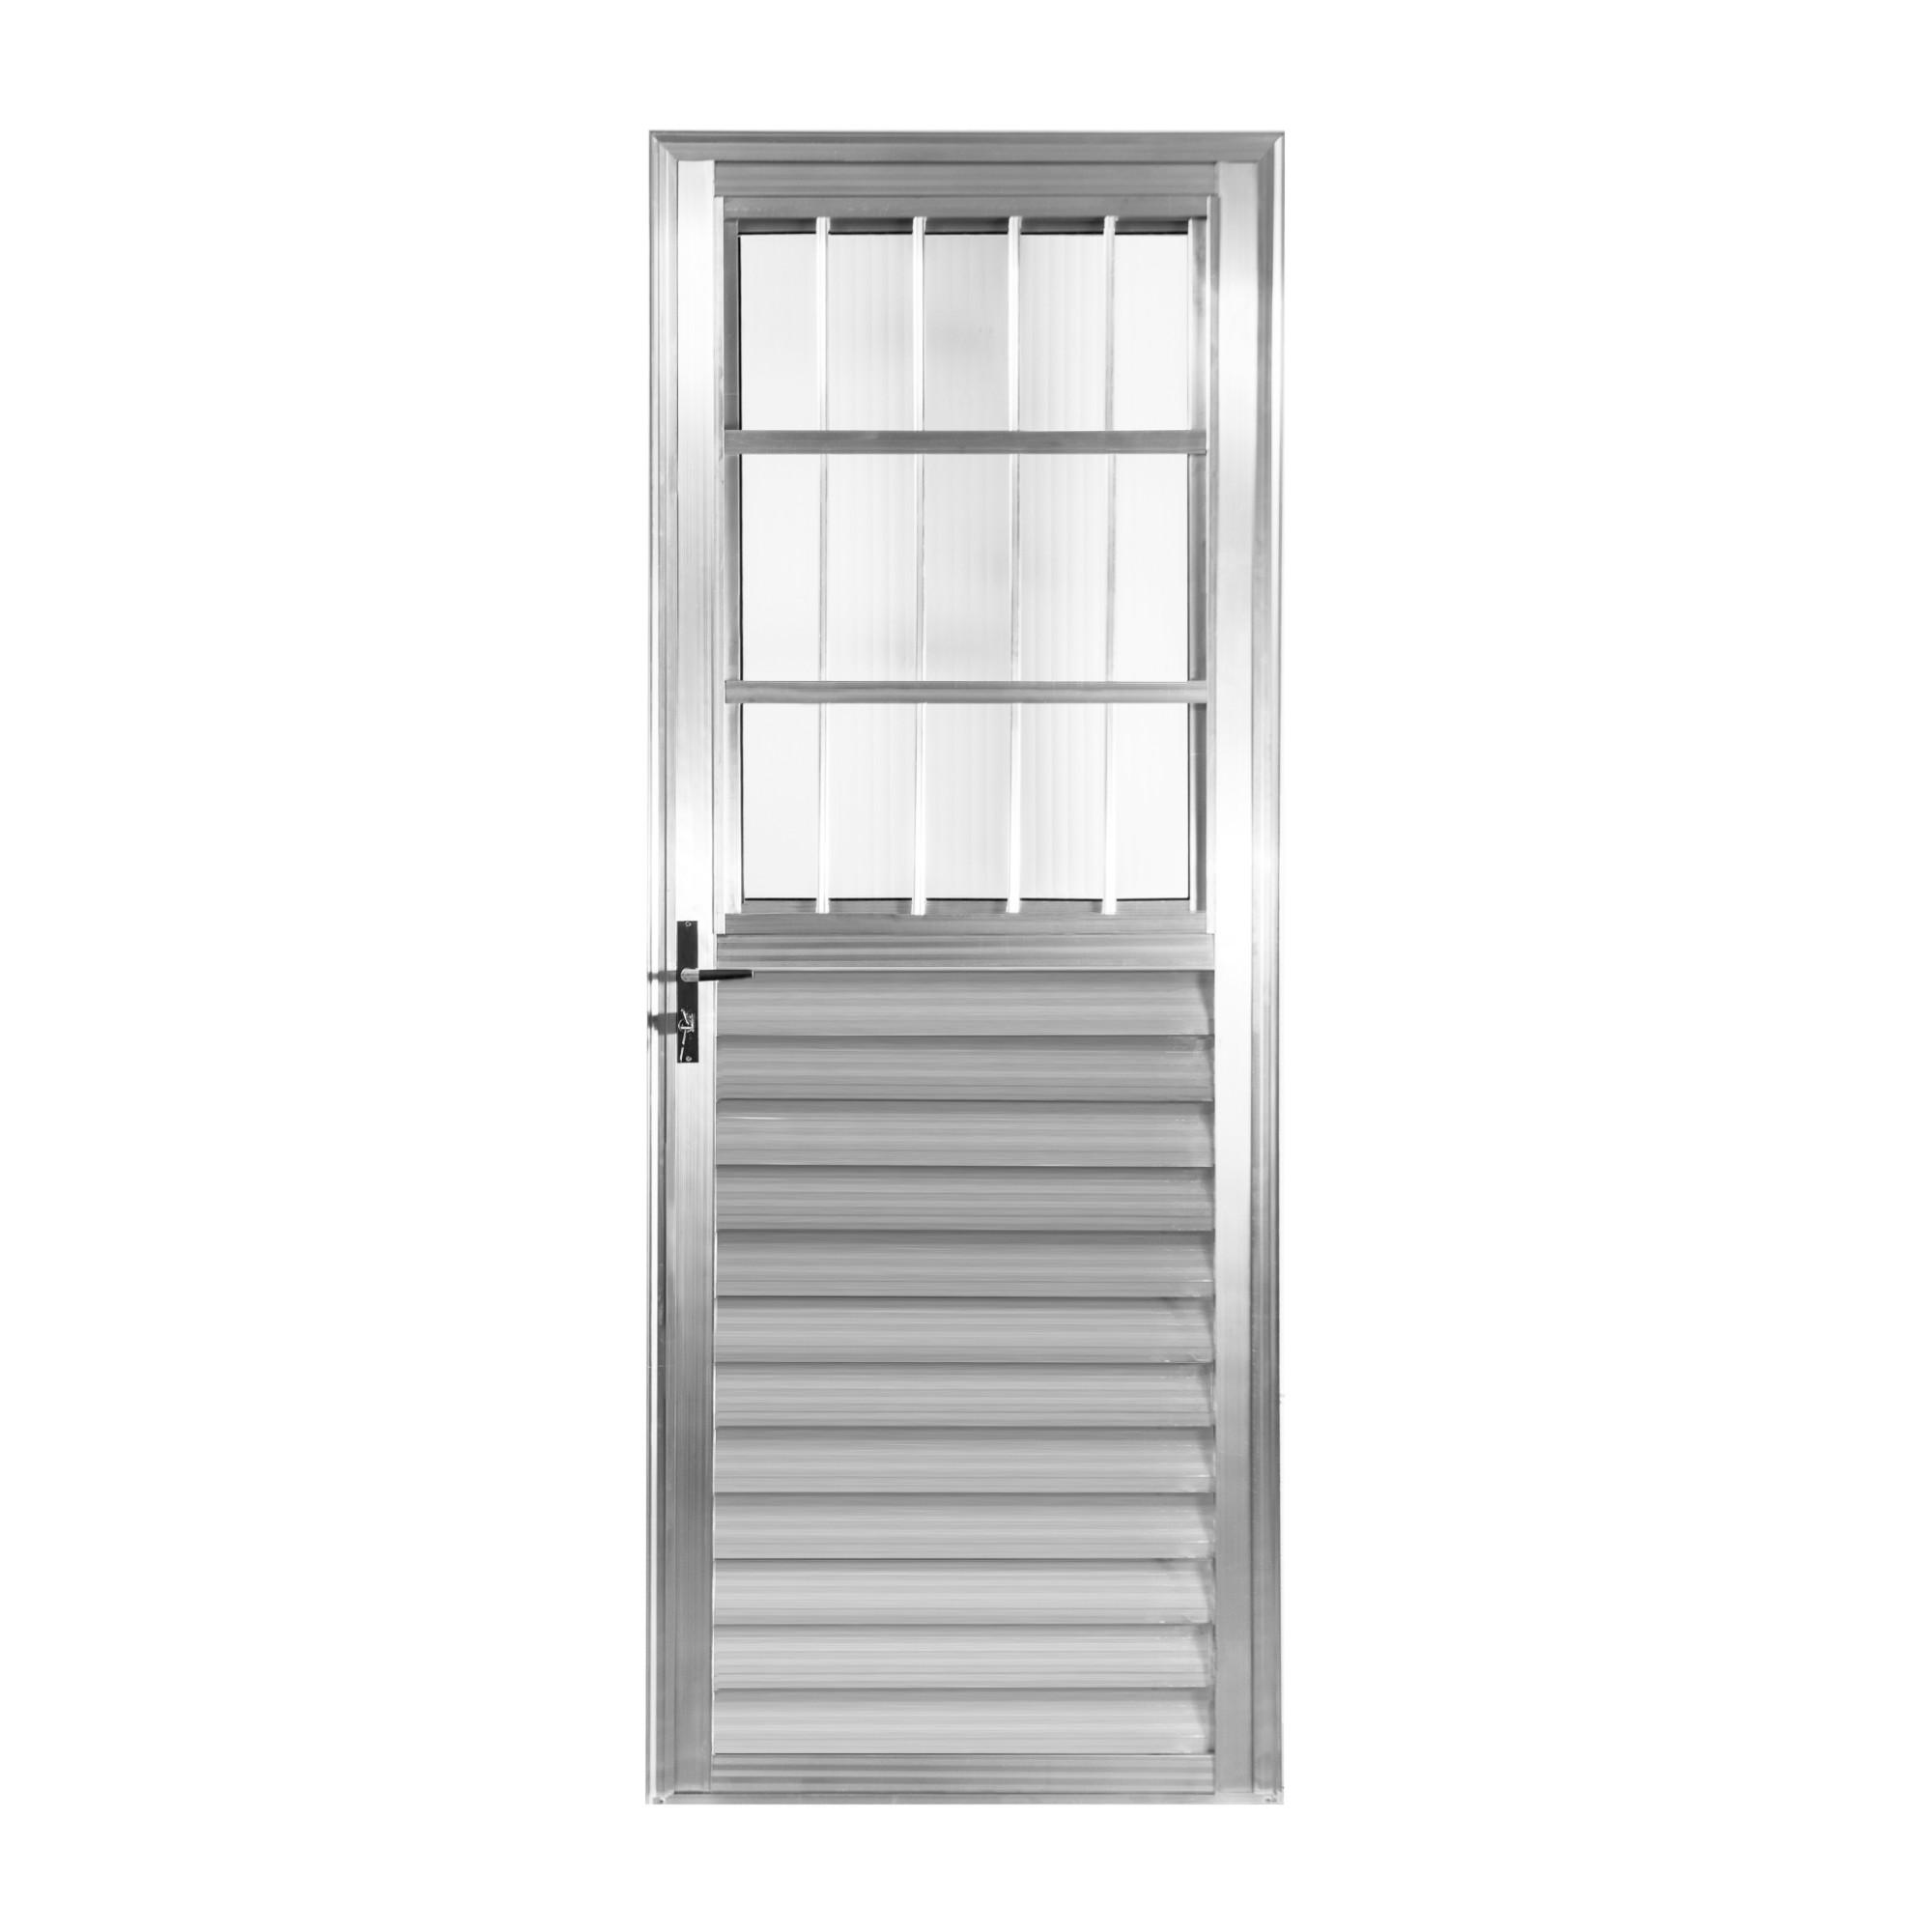 Porta de Abrir de Aluminio 210x80 cm Postigo Lado Direito - Aluvid